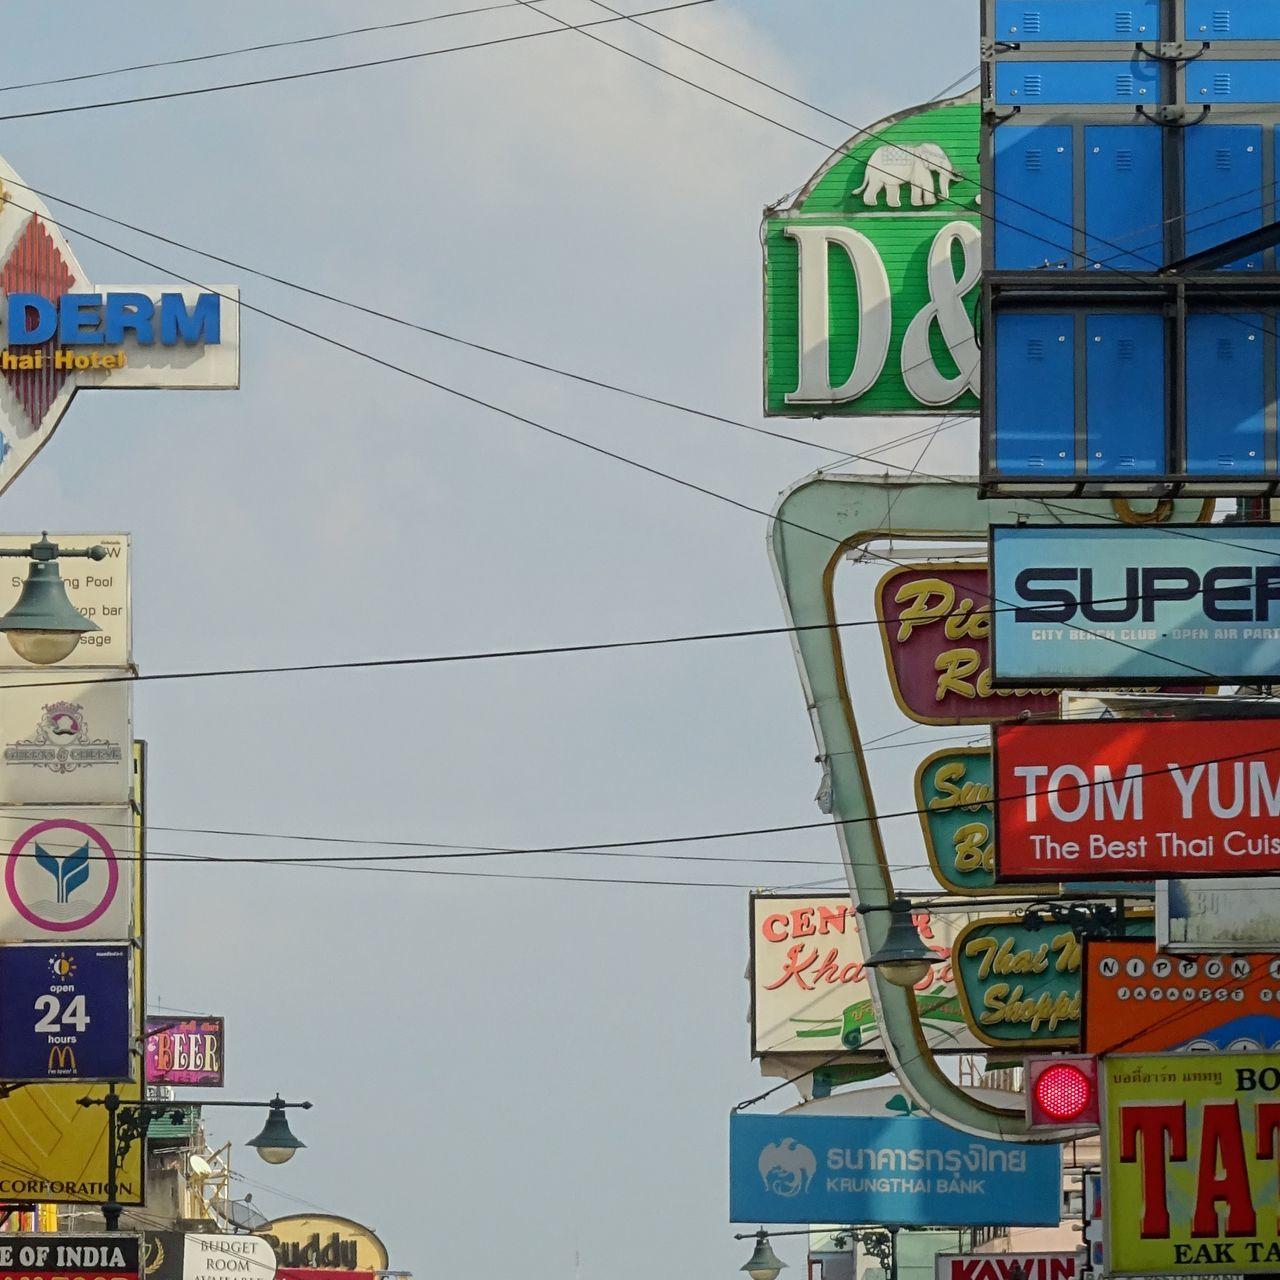 Ads Advertisement Bangkok Thailand. Big City City Life Crowded Scoreboard